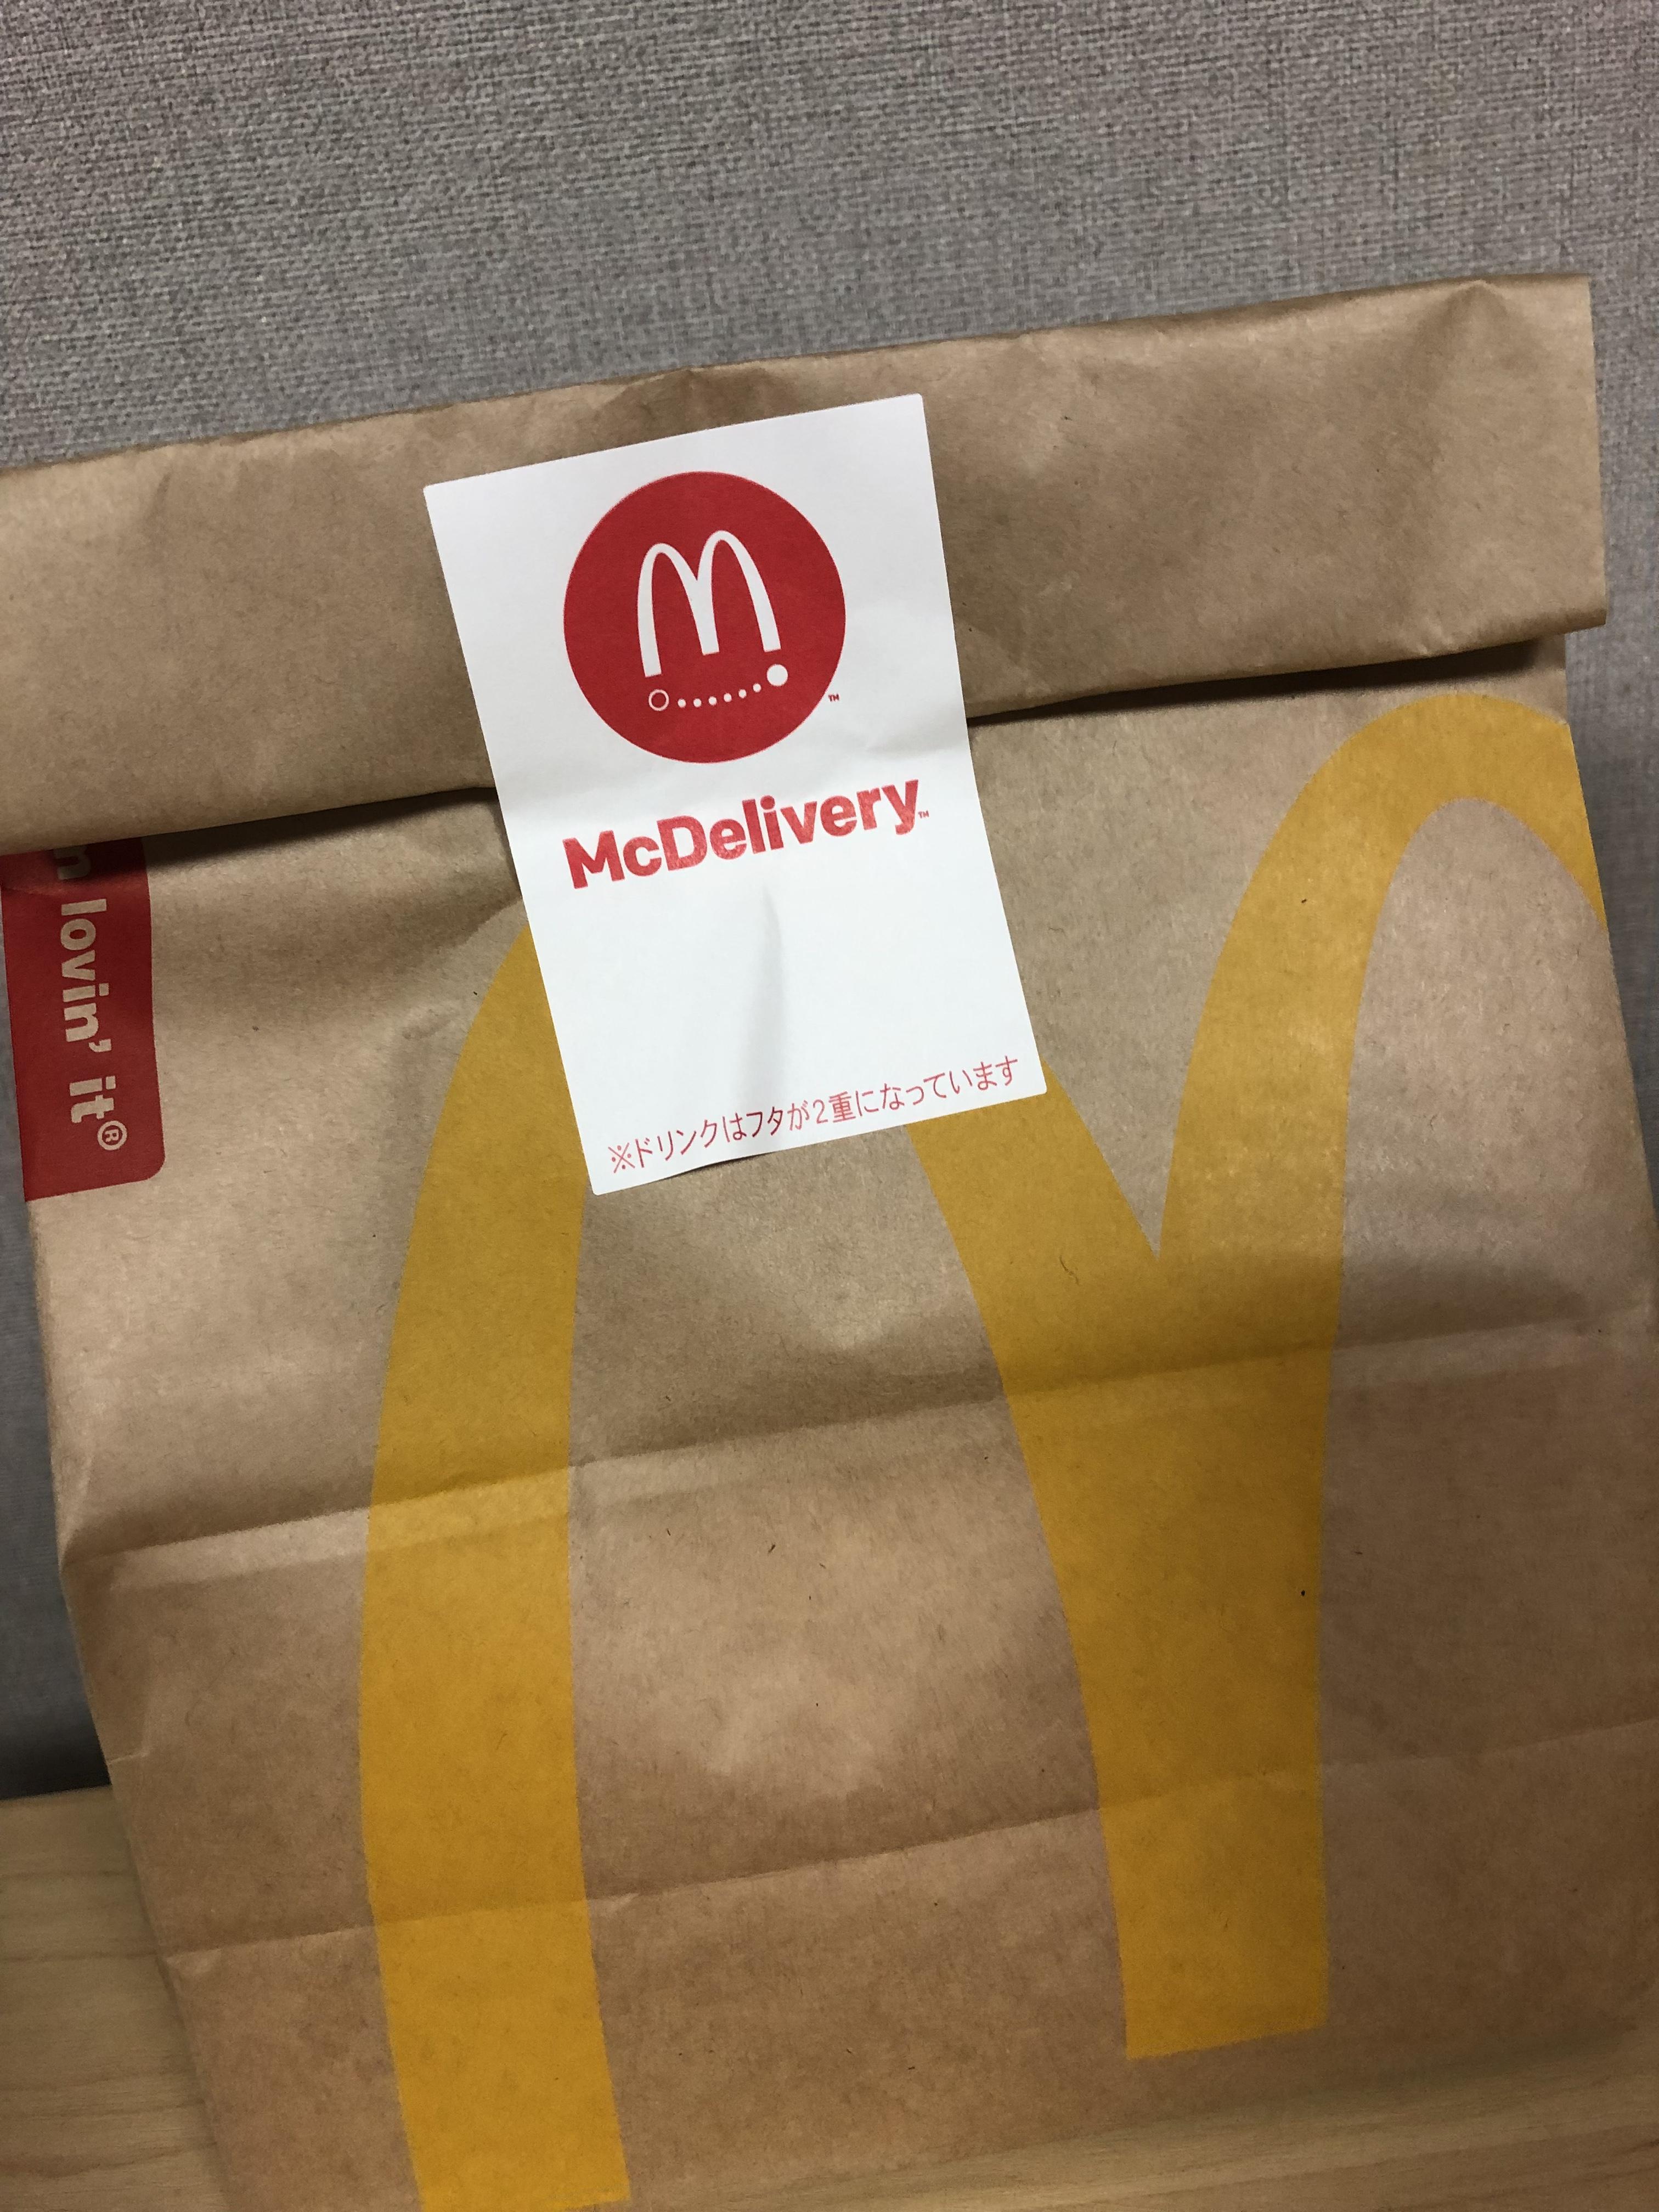 マクドナルドの商品